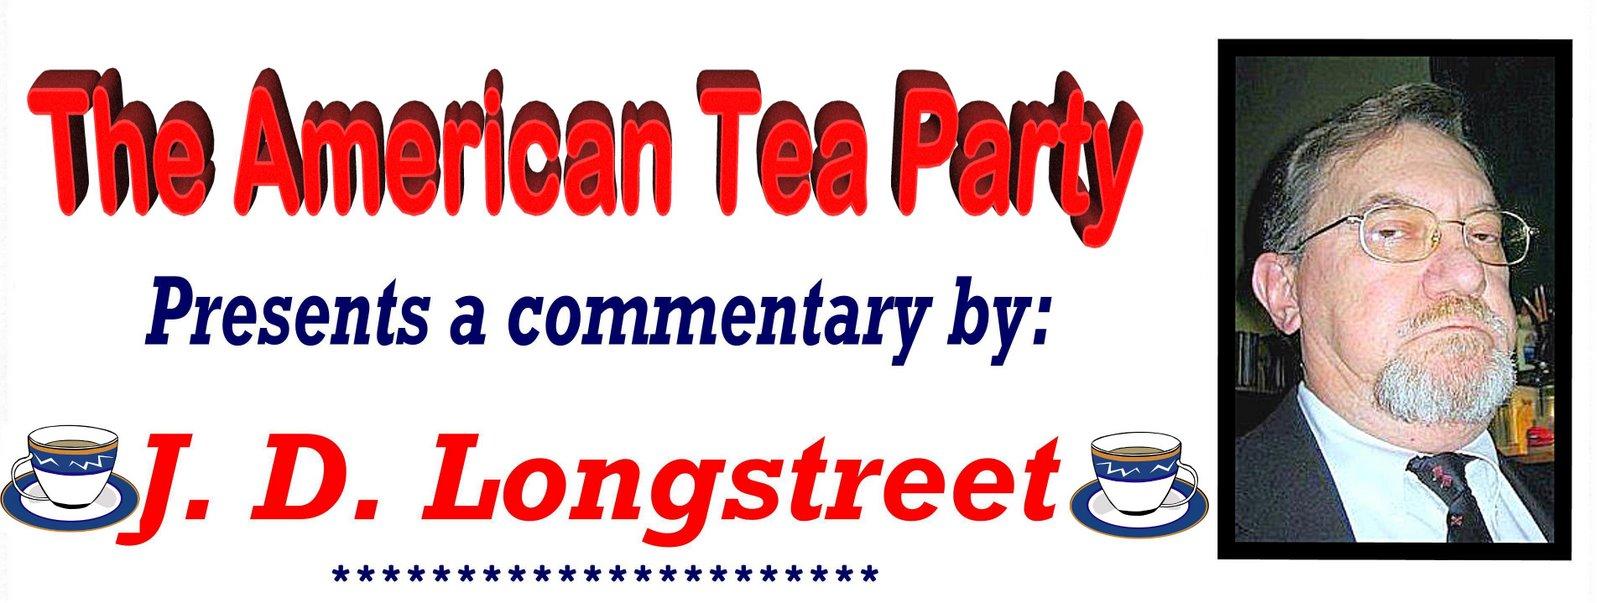 [American+Tea+Party+Header+]